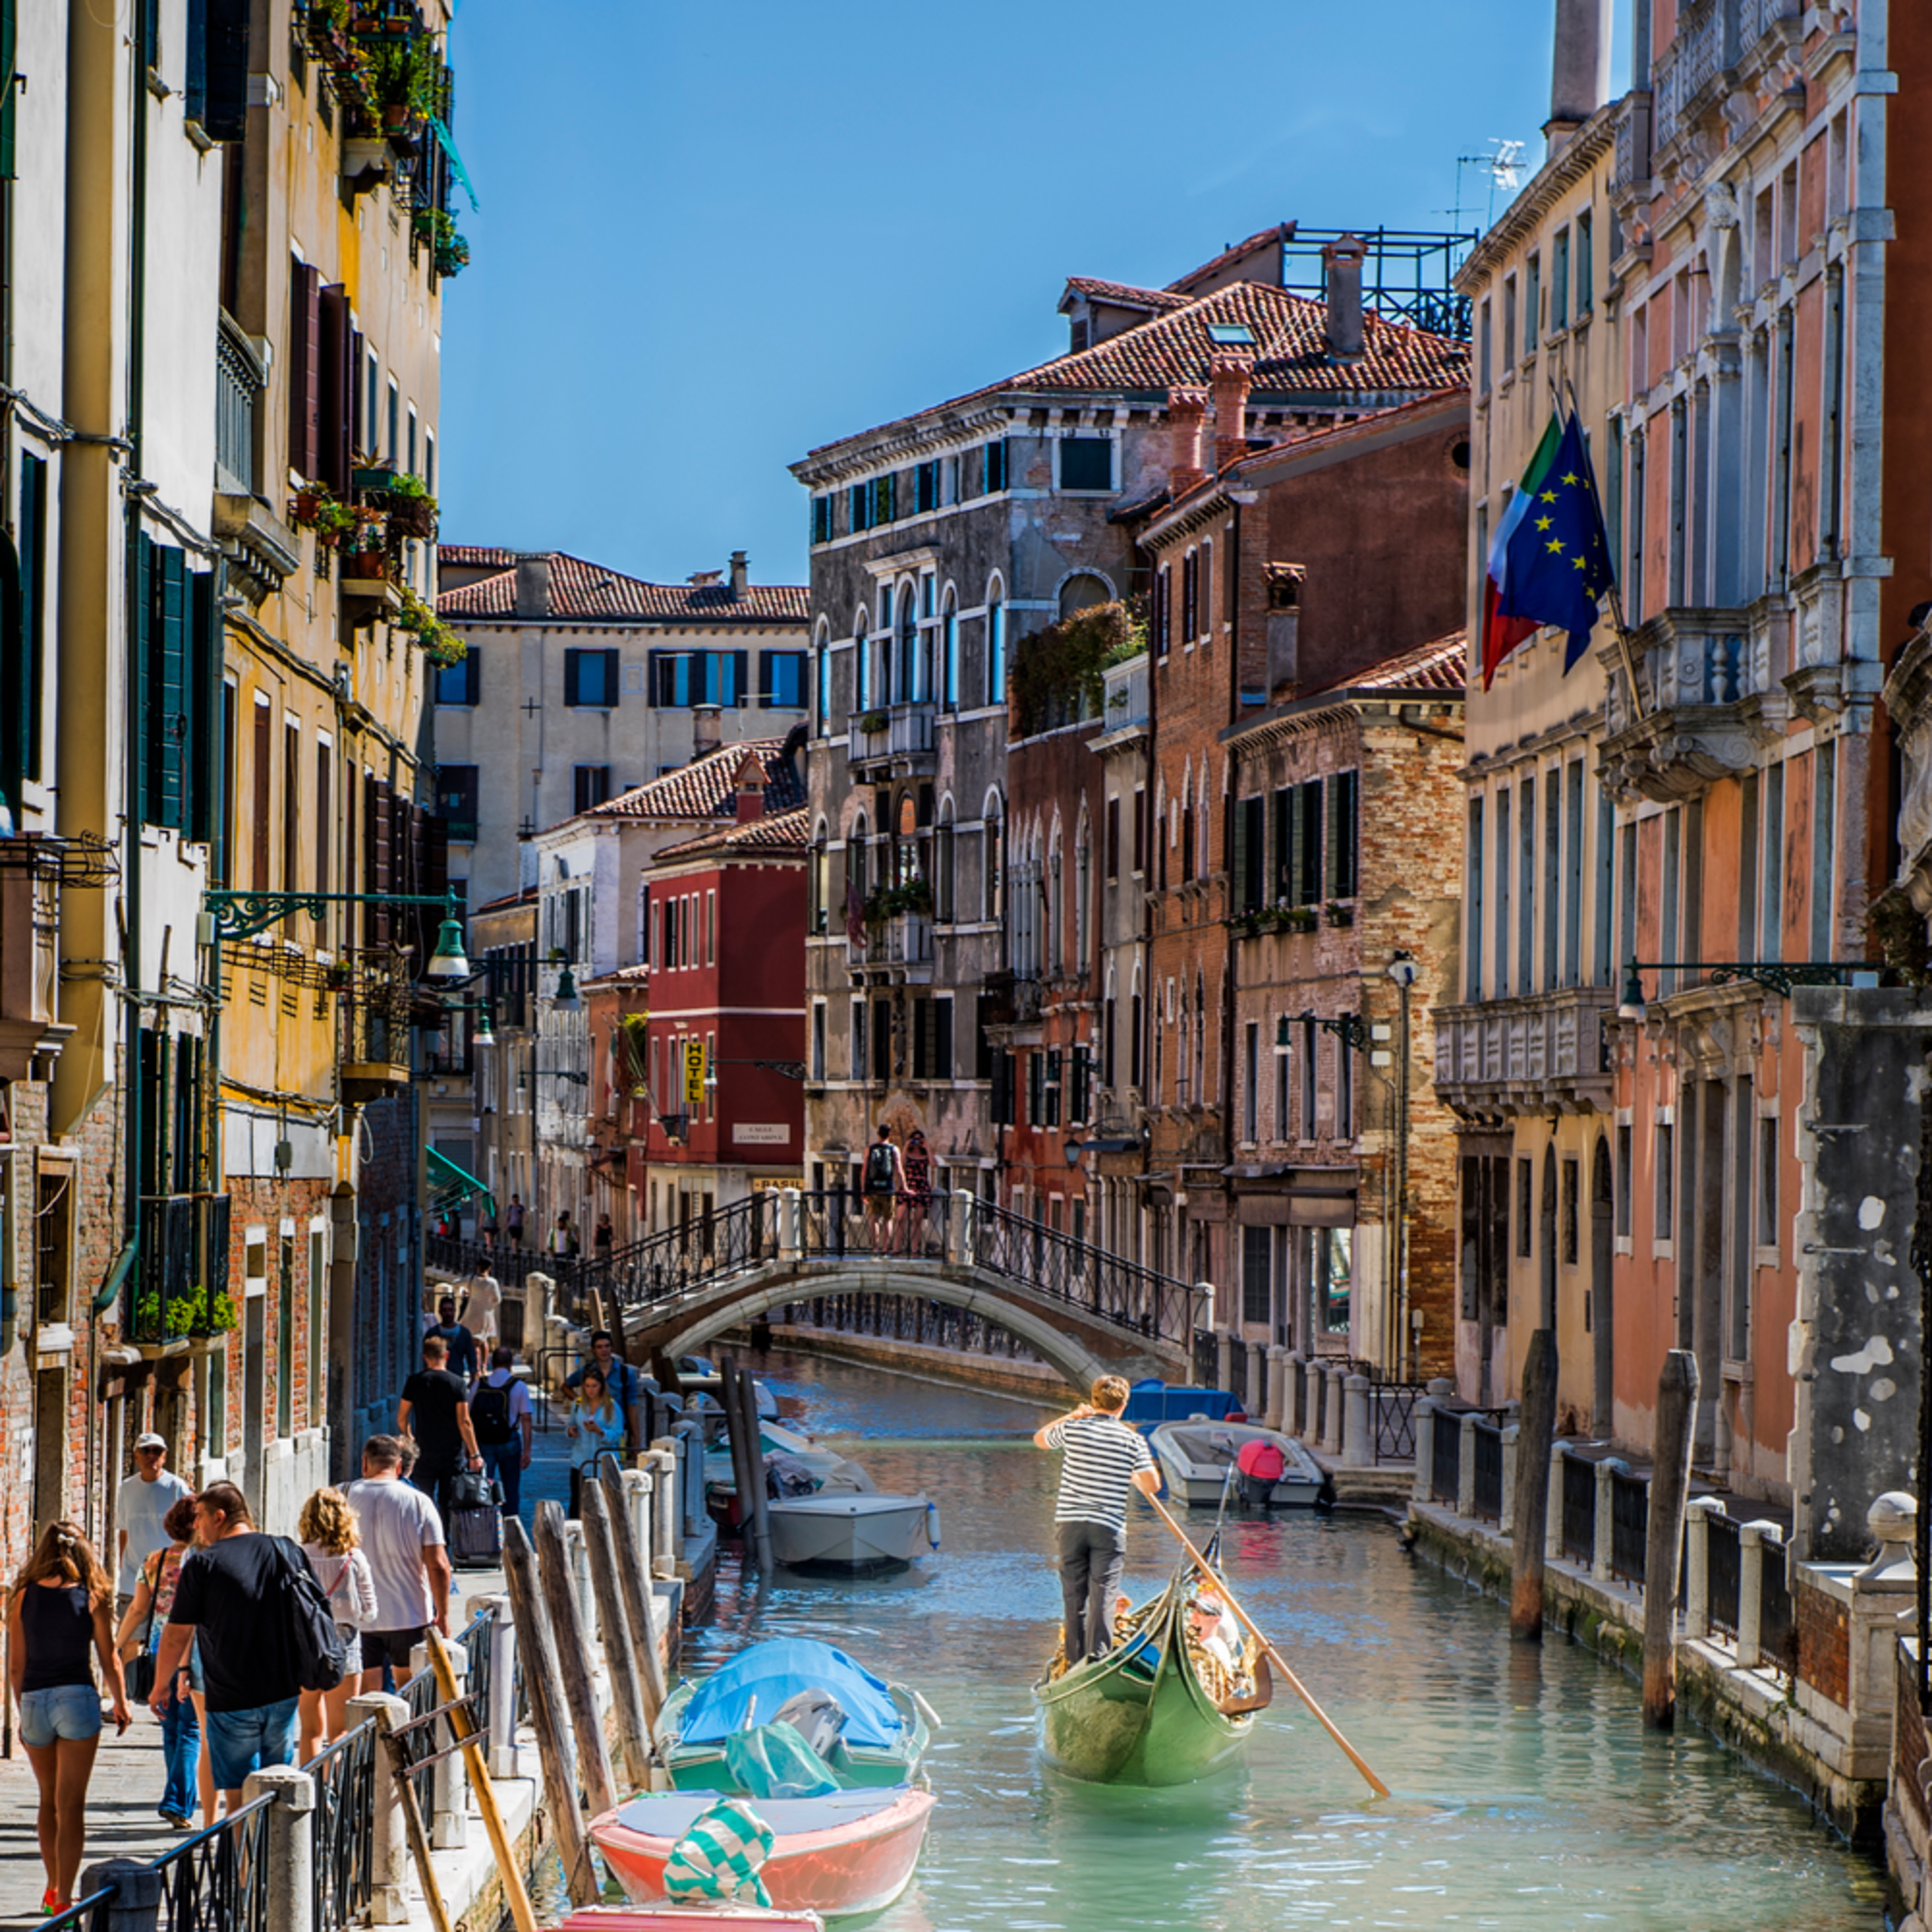 Venice granduer final surmgh